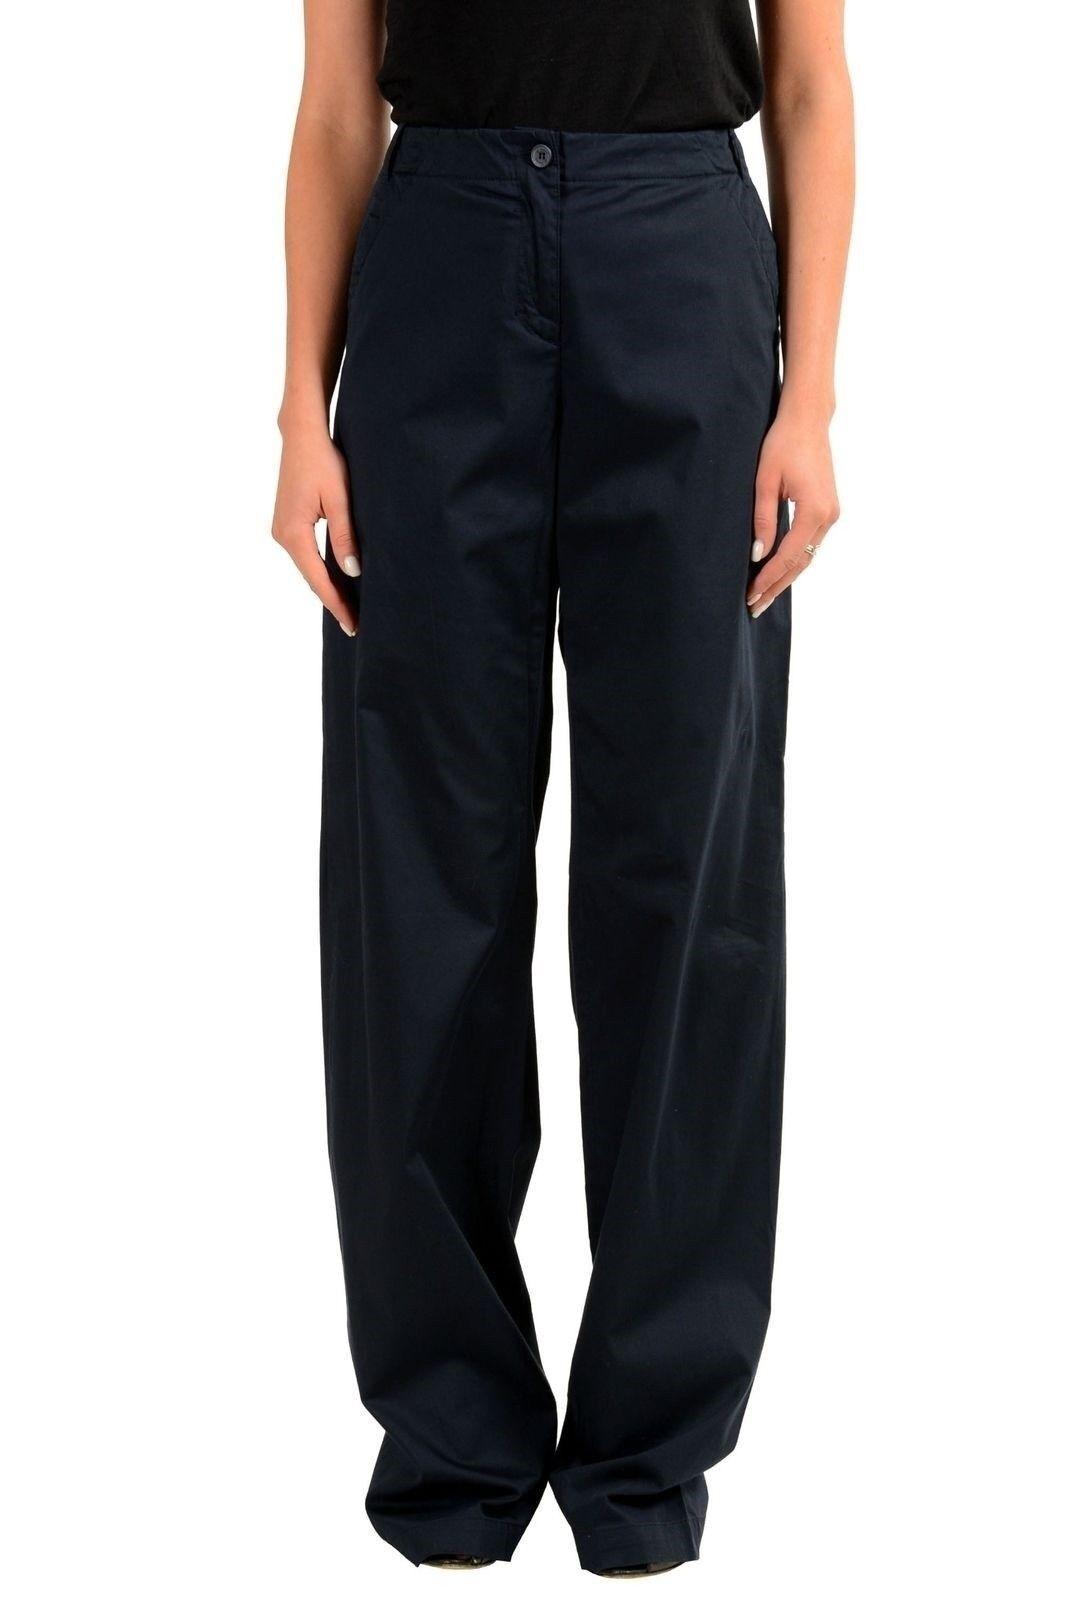 Gianfranco Ferre  GF  Women's Navy bluee Wide Leg Casual Pants US 26 IT 40